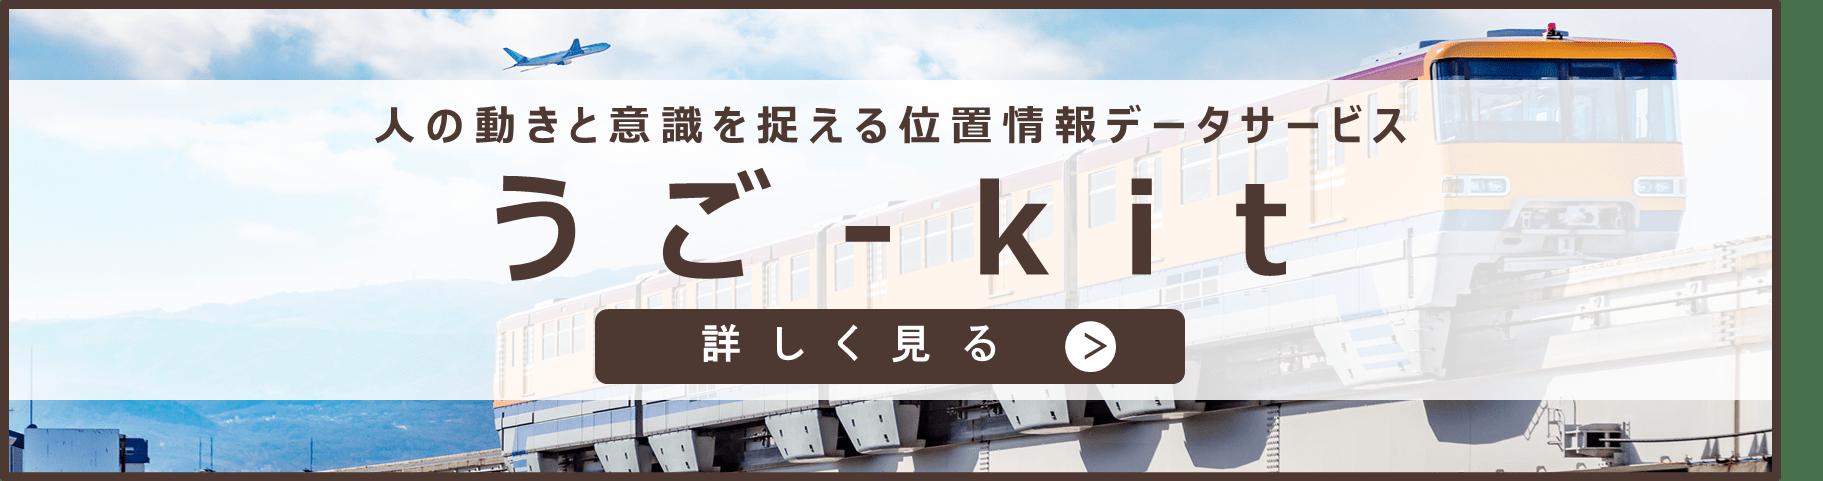 うご-kitバナー